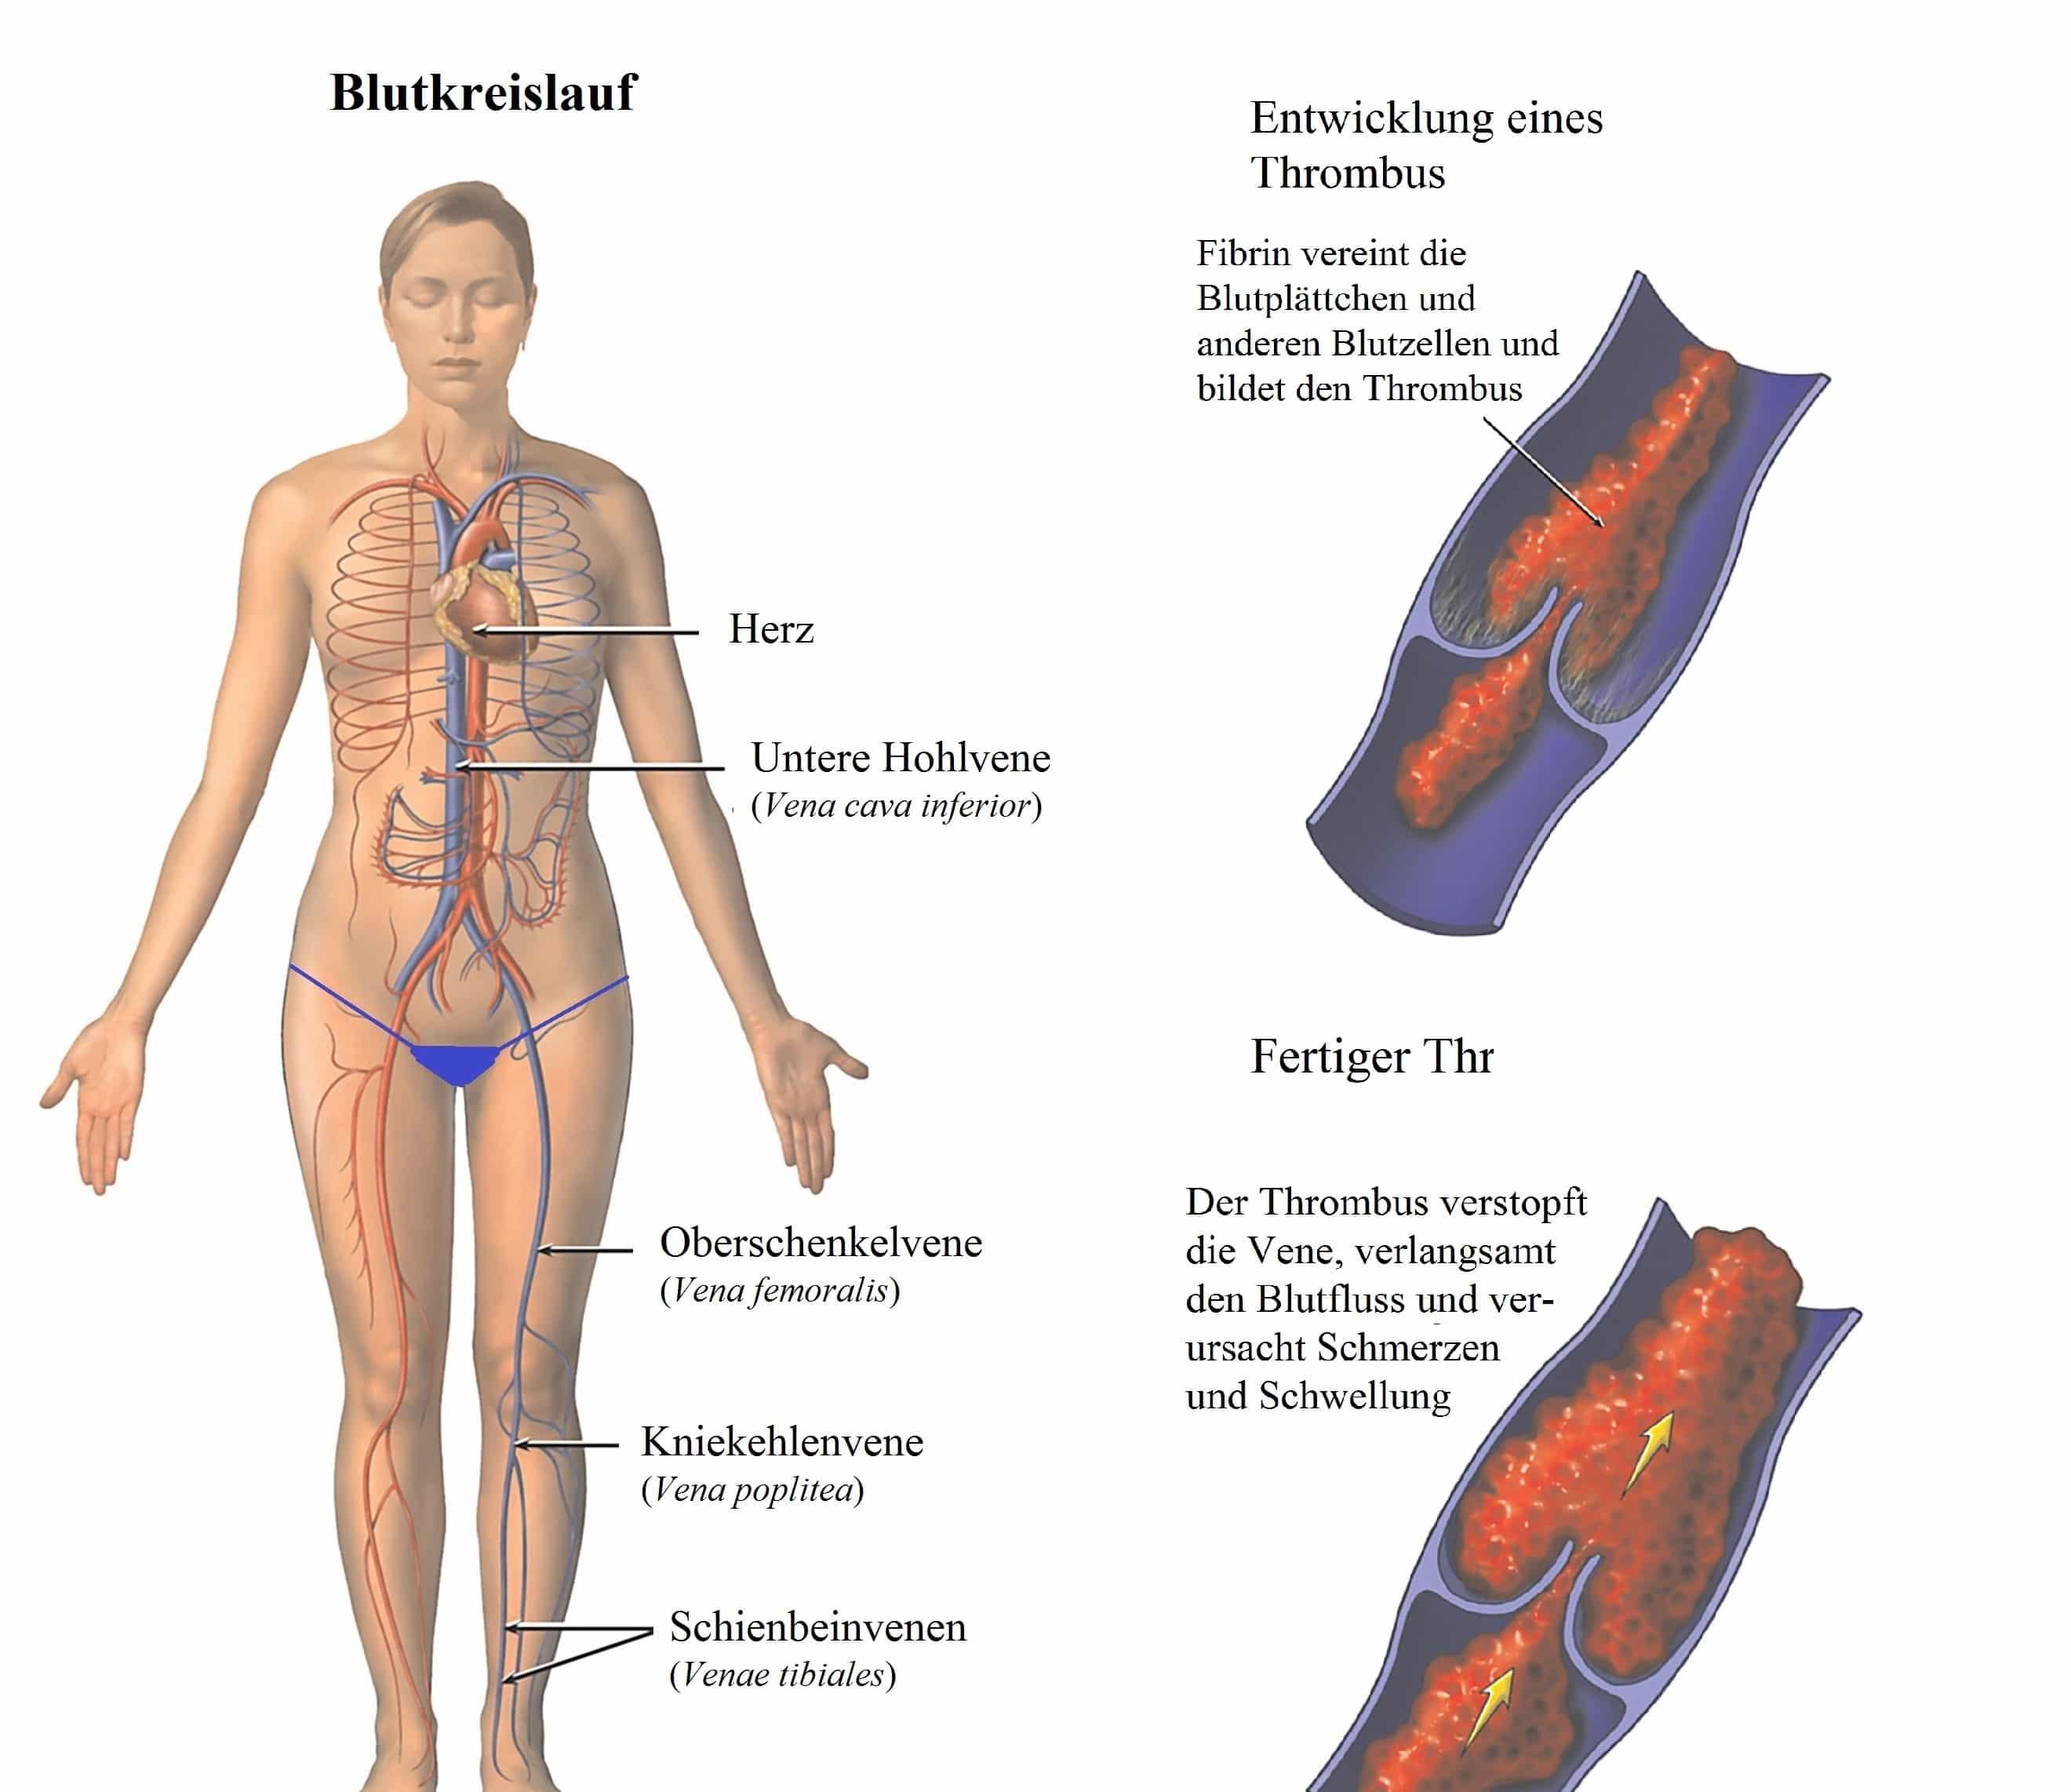 Blutkreislauf, Herz, Vene. Thrombus - Symptome und Behandlung